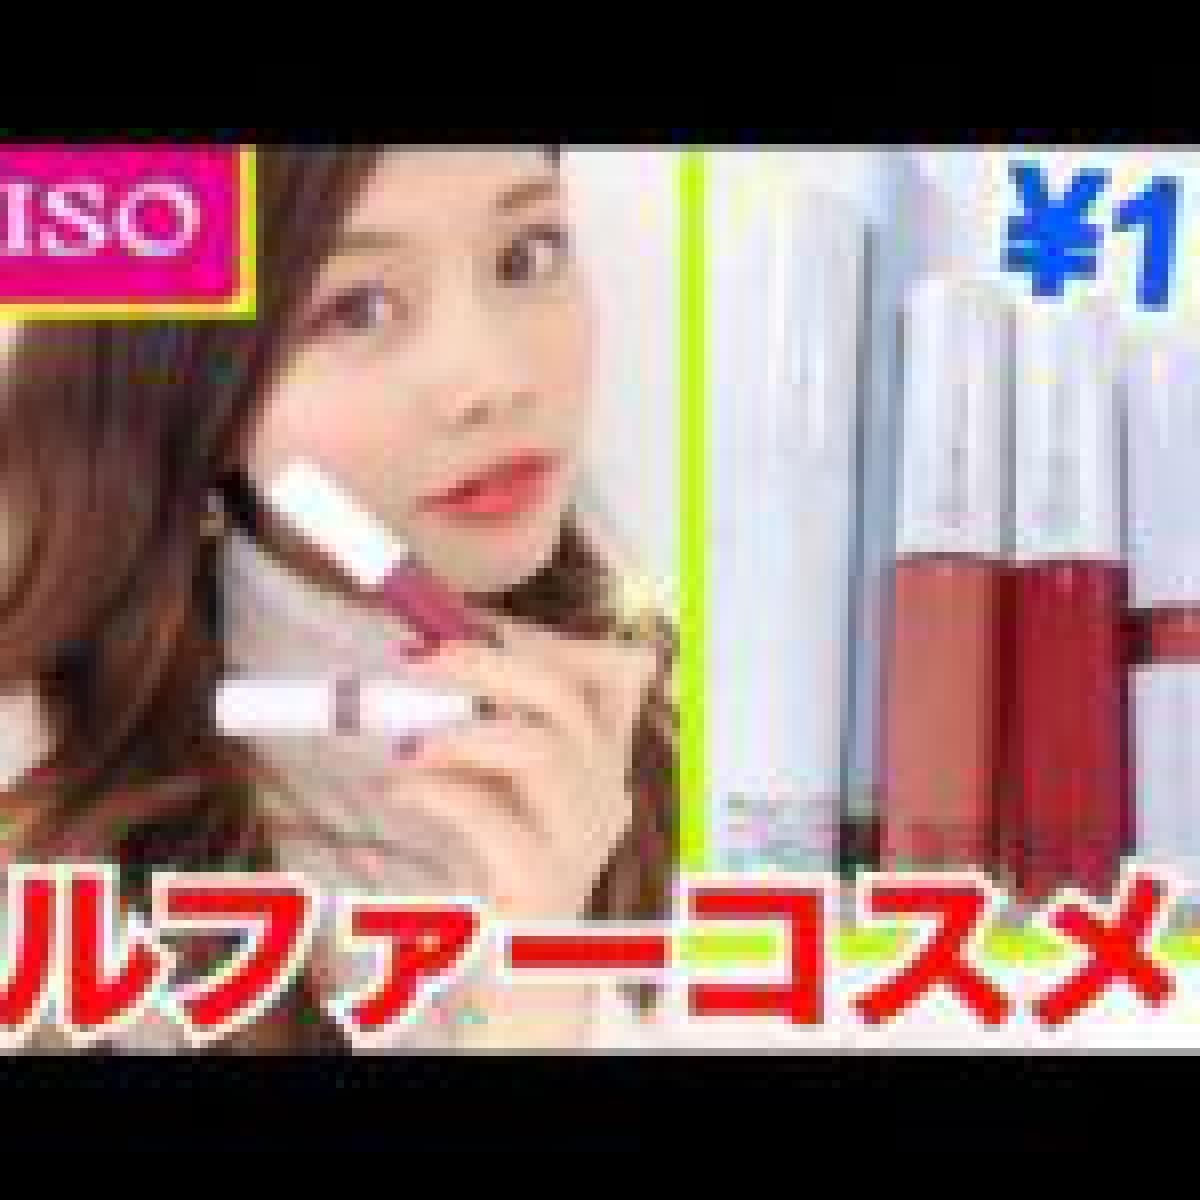 【100均】ダイソー新作コスメレビュー◆エルファーの購入品紹介!!池田真子 DAISO Cosmetics